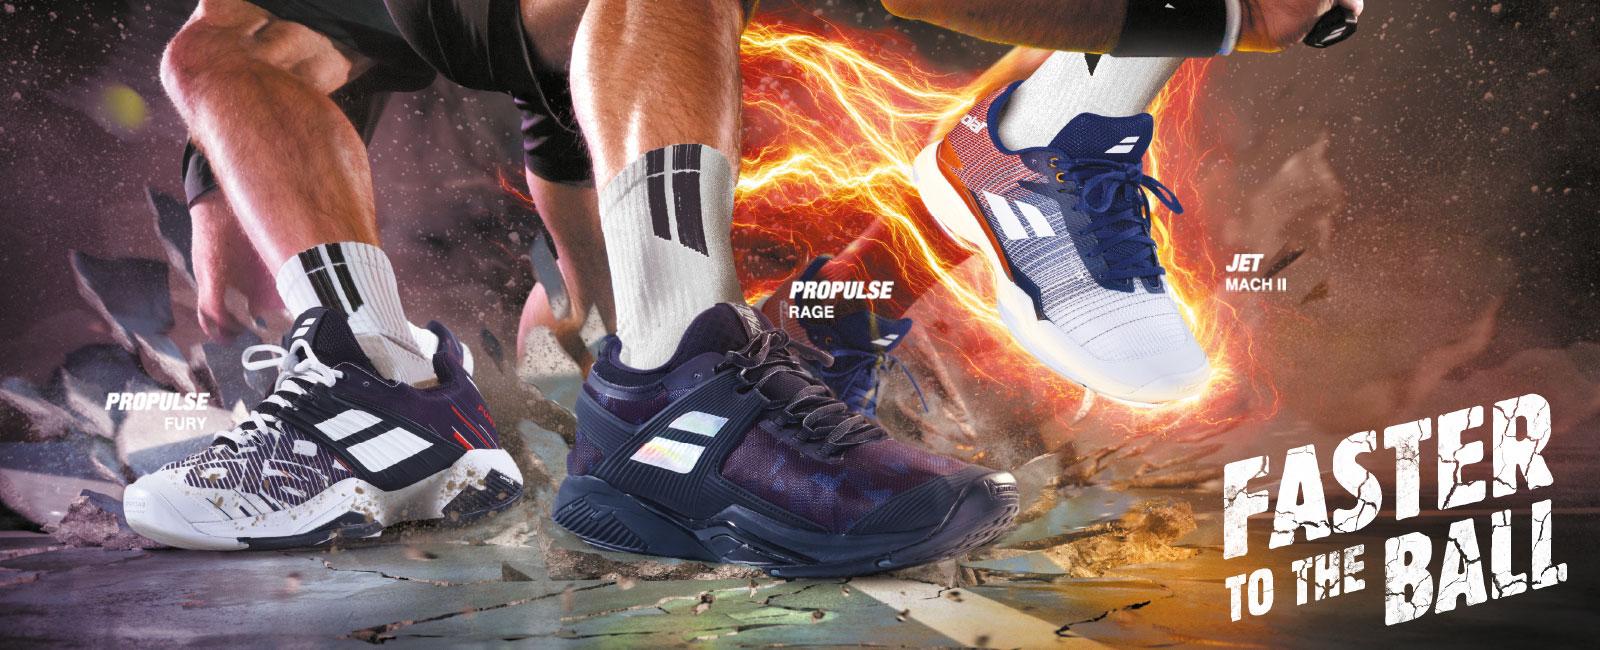 Wybierz buty dla siebie: JET Mach, Fury, Rage